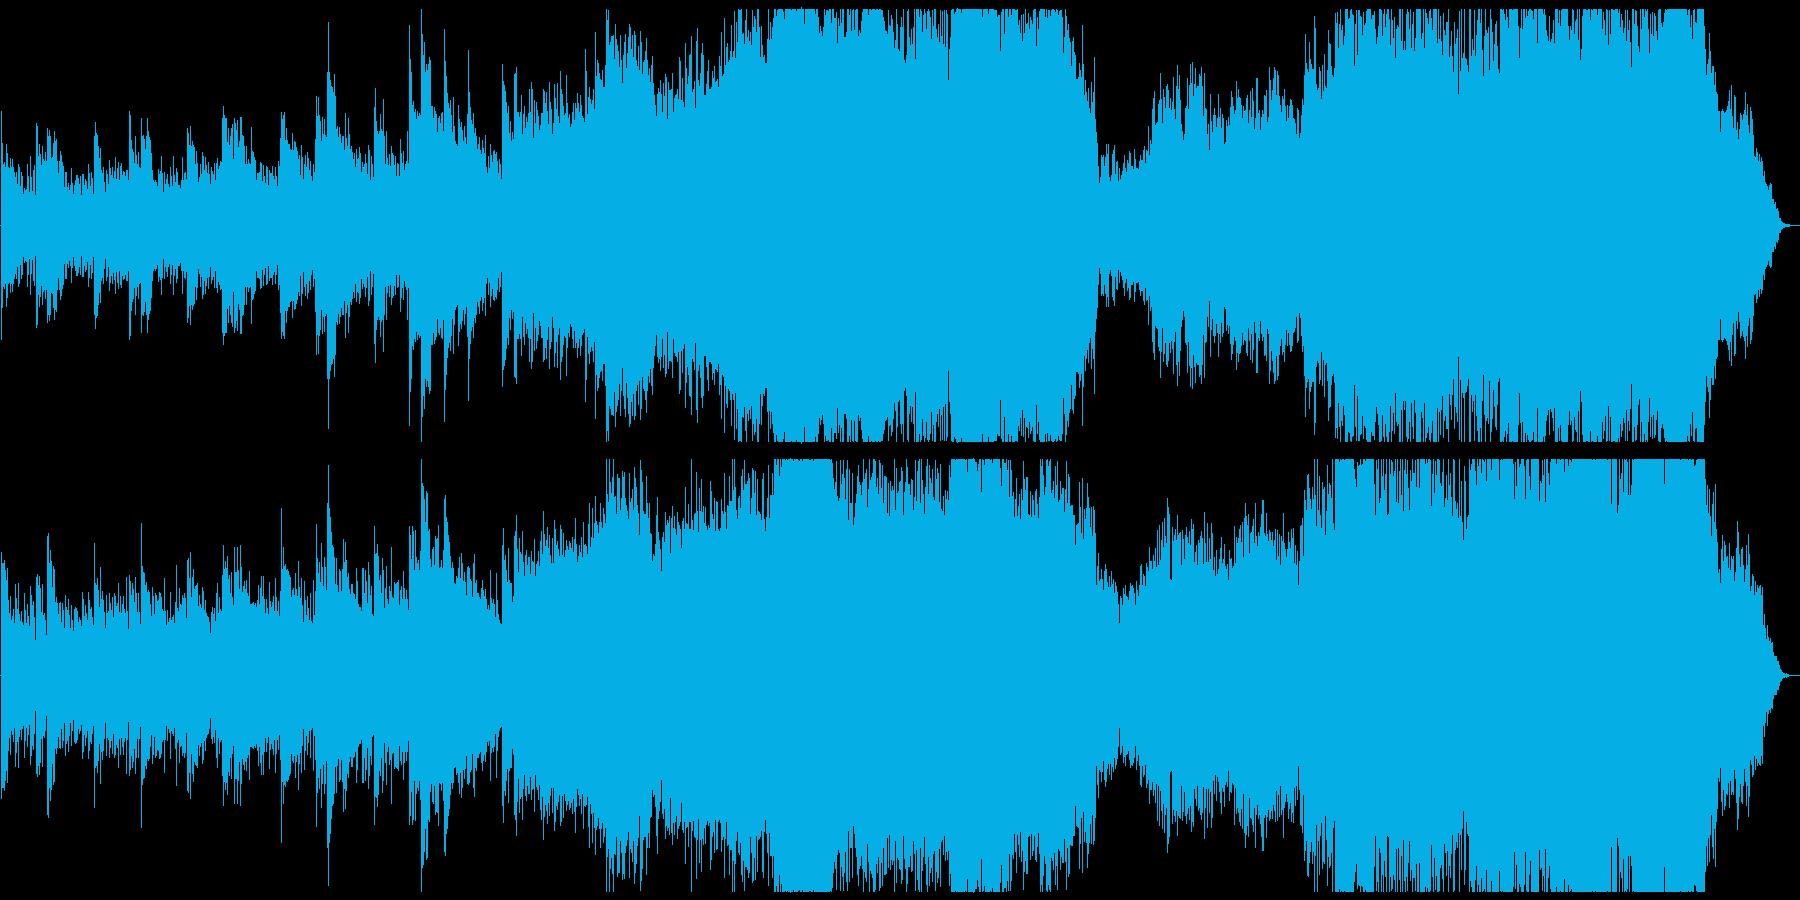 クライマックスのための感動的なスコアの再生済みの波形